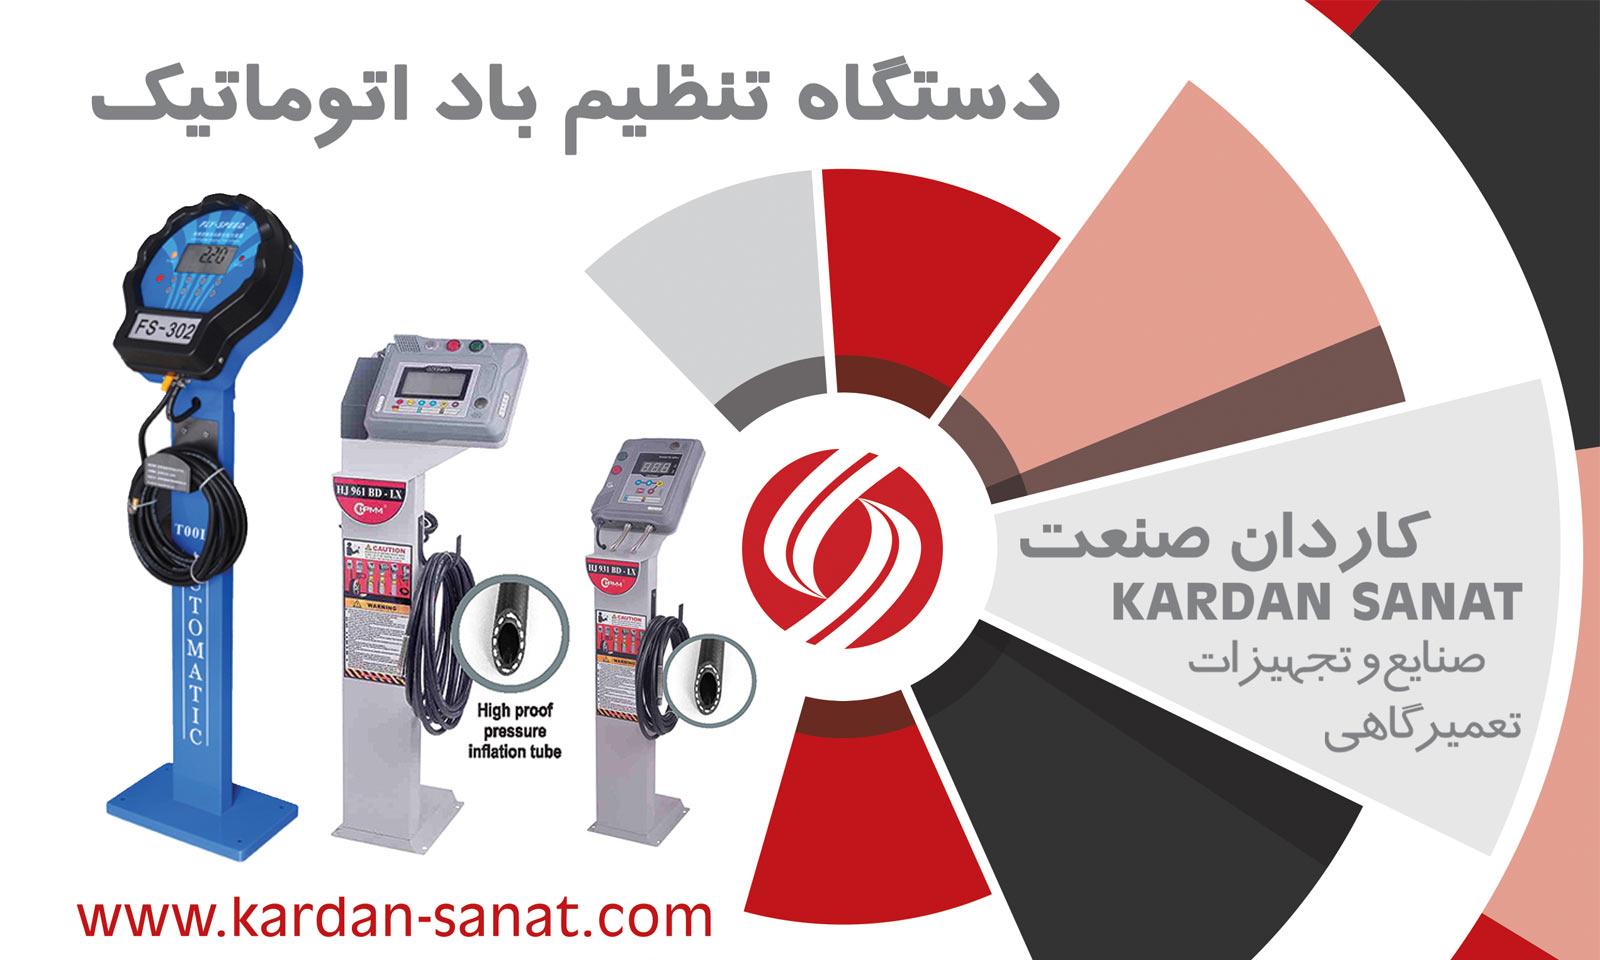 آموزش و معرفی و فروش دستگاه تنظیم باد اتوماتیک